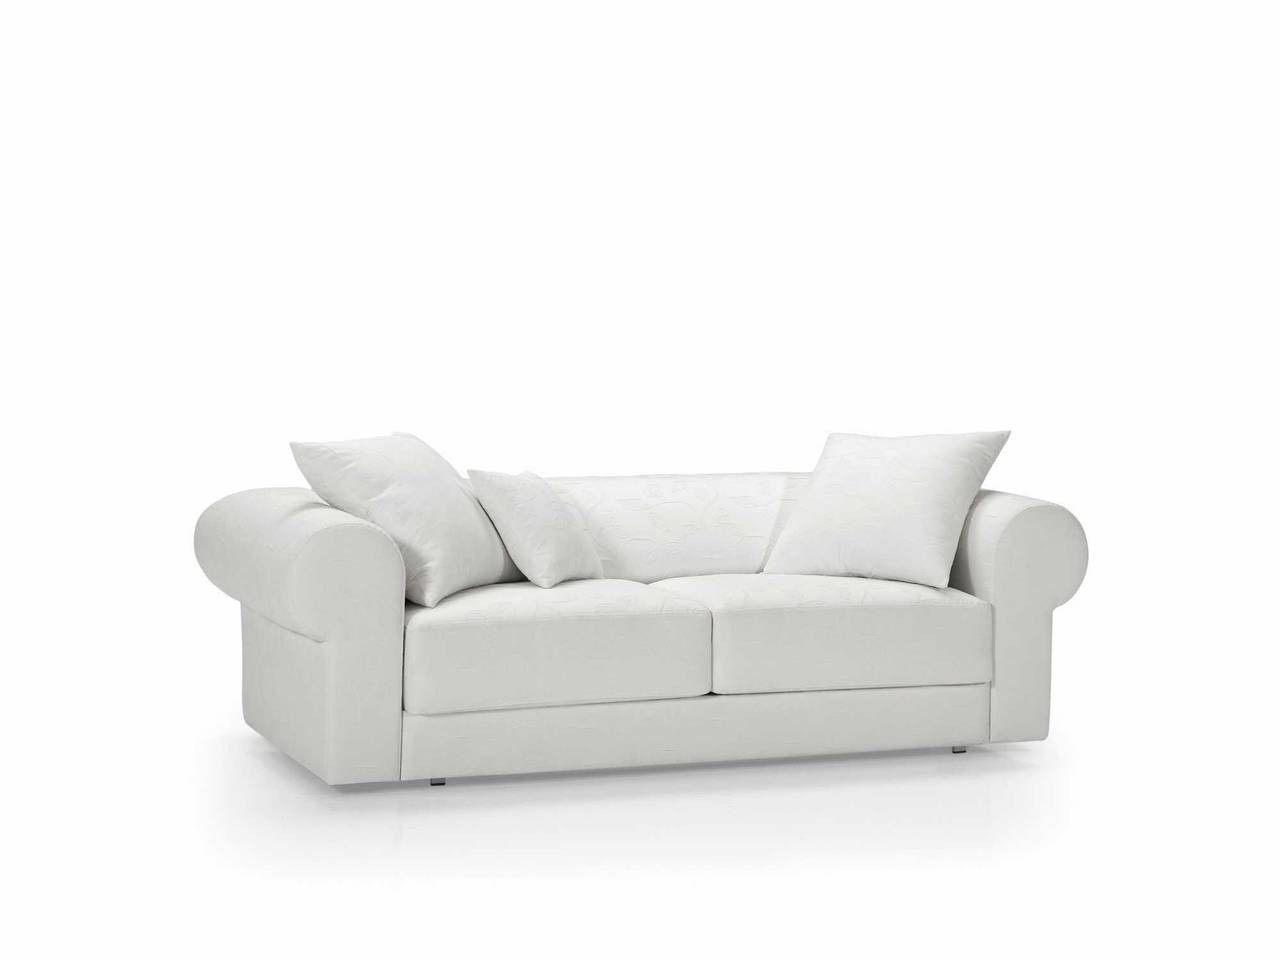 Canapé Lit Avec Vrai Matelas Magnifique 30 Luxe Canapé Convertible Vrai Matelas Suggestions